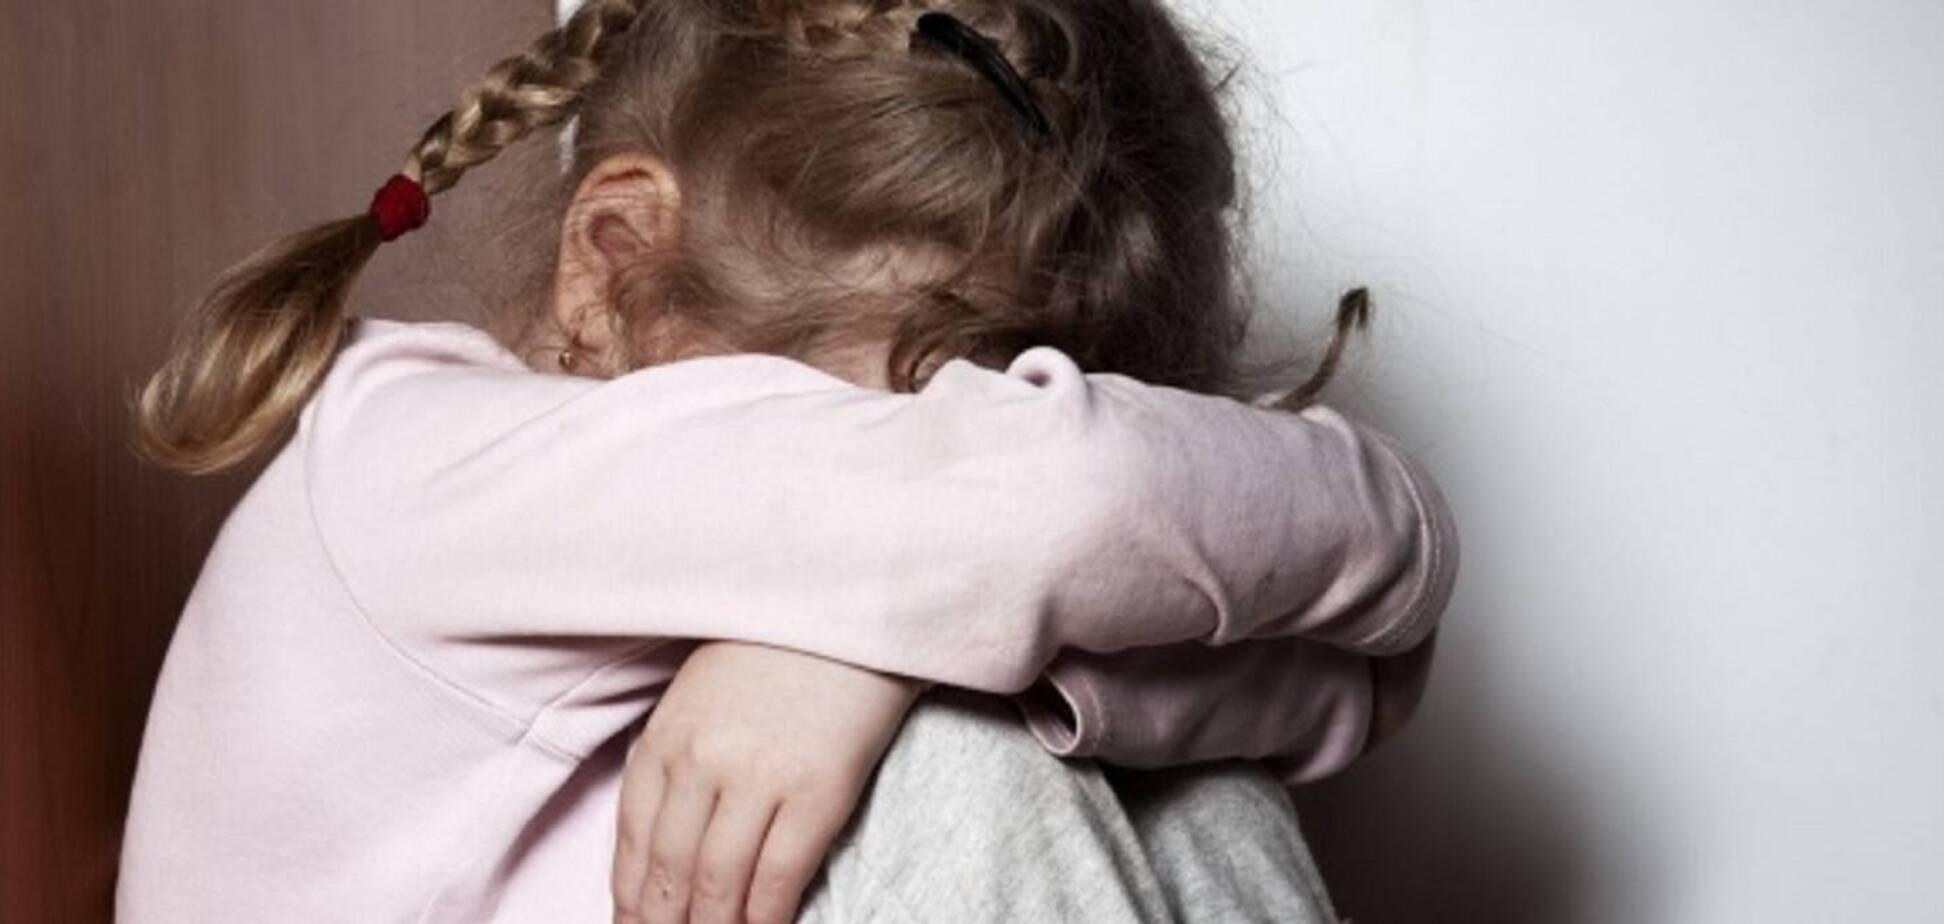 Суд приговорил педофила, который надругался над 7-летней девочкой, к 5 годам тюрьмы